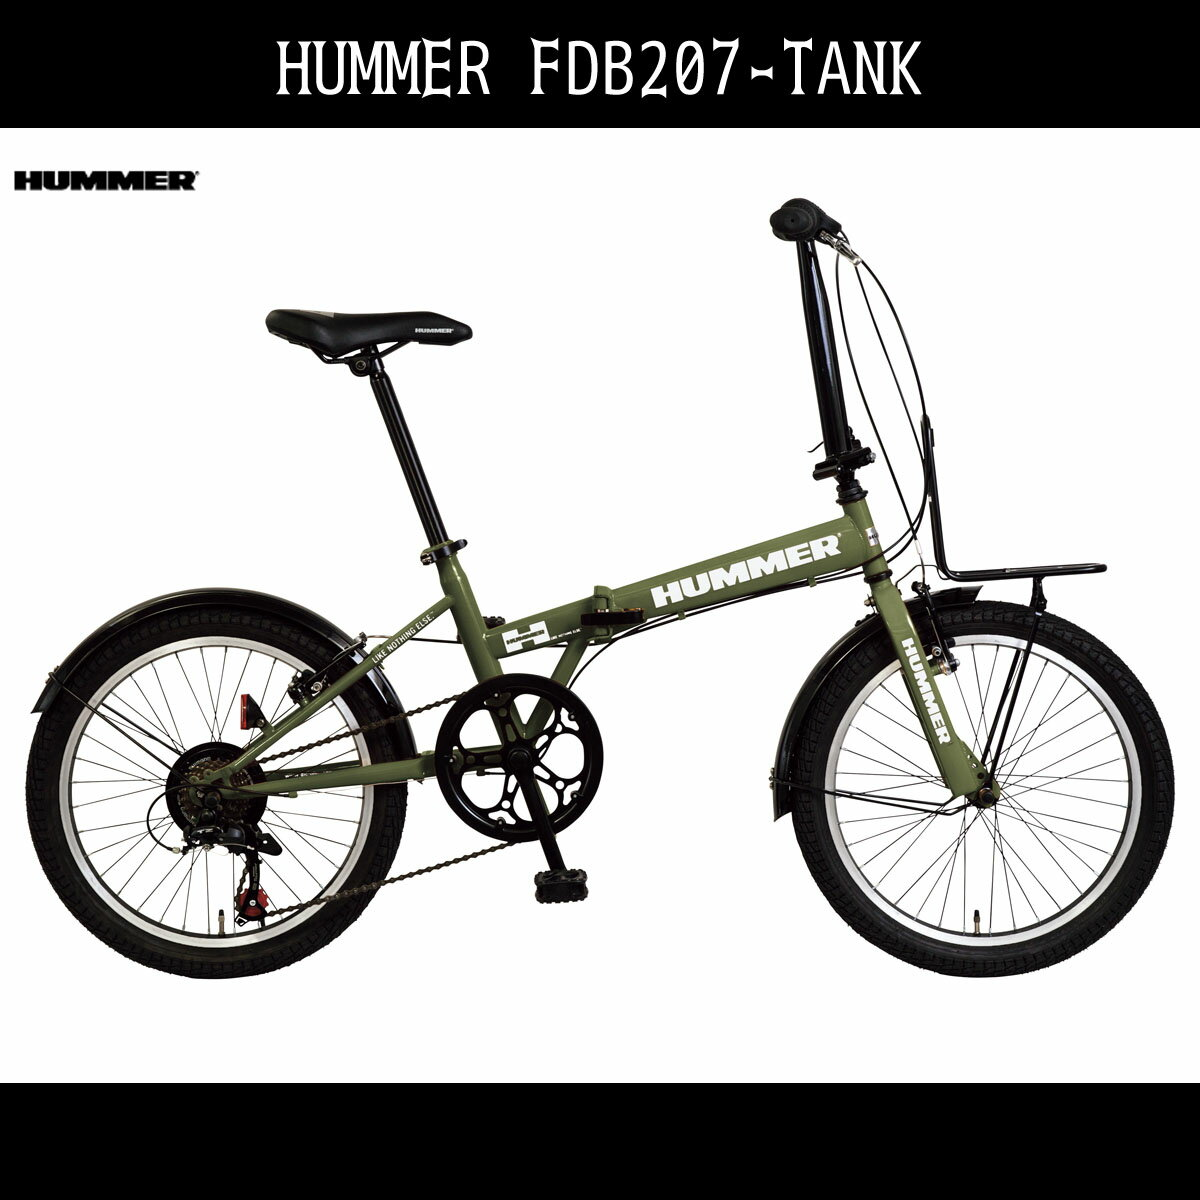 <関東限定特別価格>TANK FDB207 ファットバイク 折りたたみ自転車 ハマー 外装7段変速ギア 折りたたみ自転車 20インチ 緑 グリーン 自転車 HUMMER ハマー 折りたたみ自転車 送料無料 太い極太タイヤがおしゃれで通勤・通学や誕生日やプレゼントにも向いている自転車です。ハマー HUMMER FDB207 TANK かっこいいハマーの折りたたみ自転車。ファットバイク